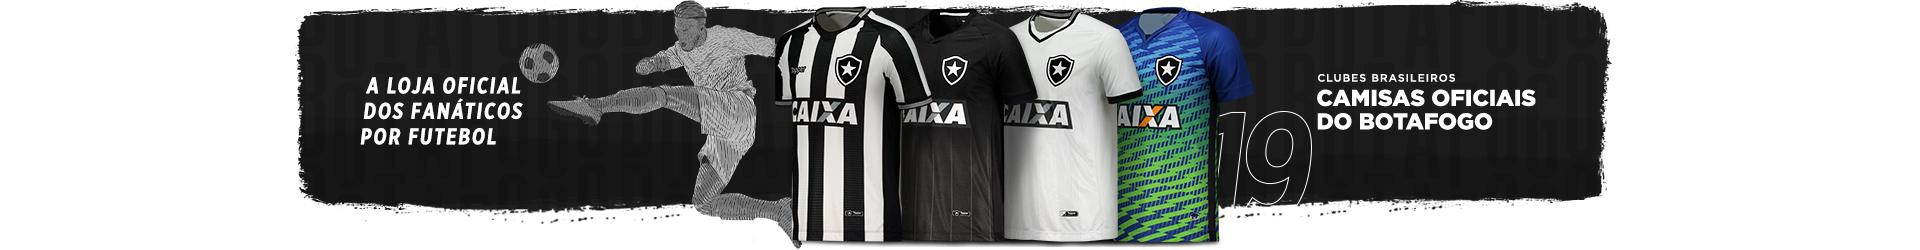 ba1b9a800e Camisas de Futebol do Botafogo - FutFanatics